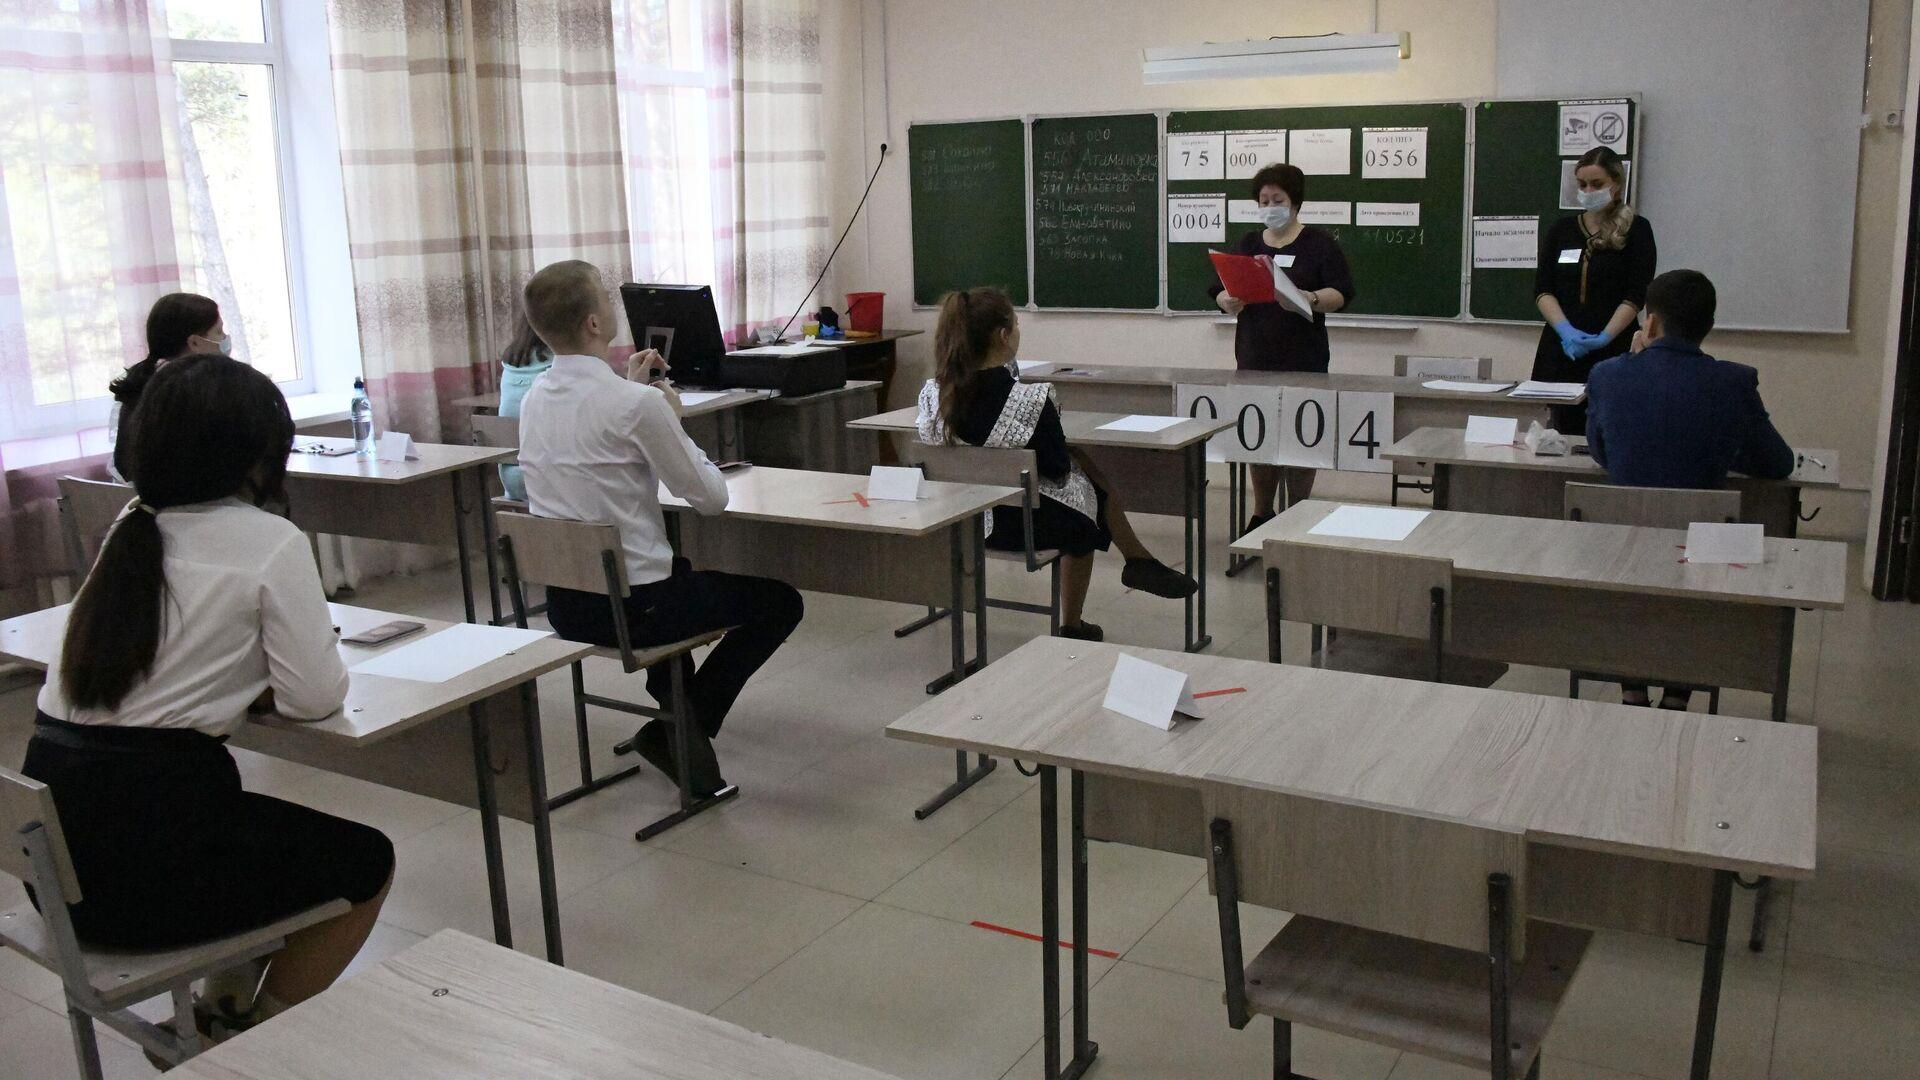 Ученики перед началом единого государственного экзамена - РИА Новости, 1920, 22.06.2021